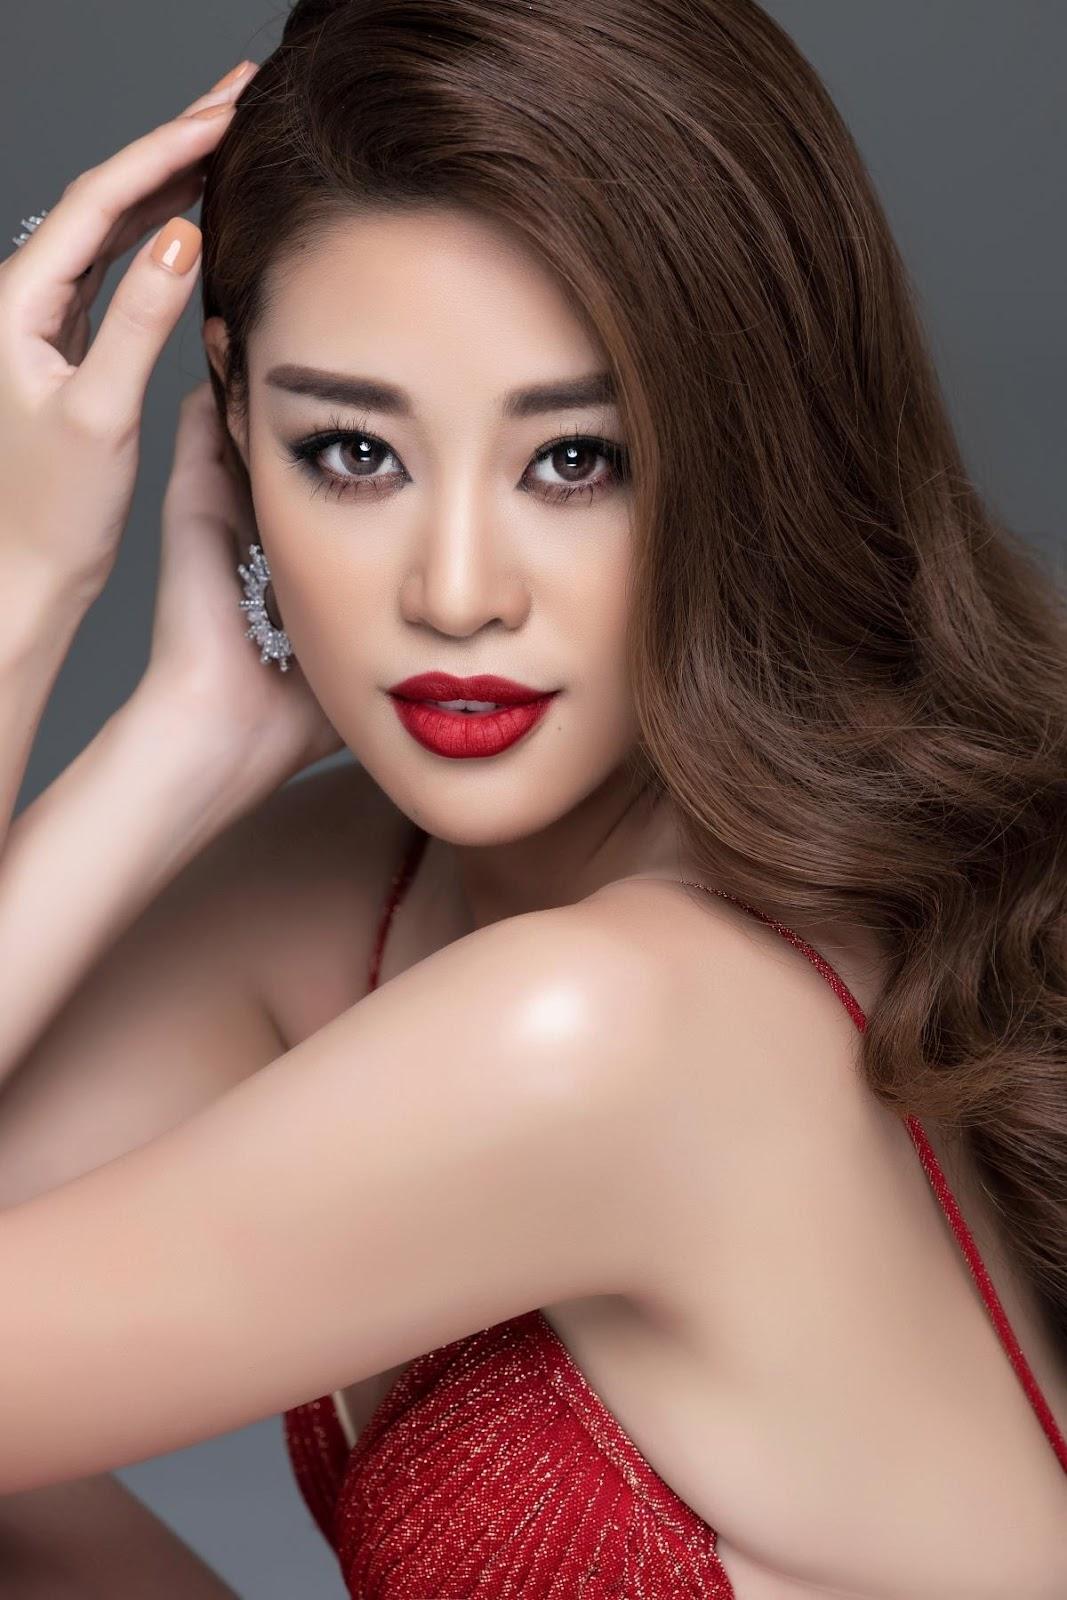 Miss Universe công bố video giới thiệu Hoa hậu Khánh Vân trên trang chủ    VOV.VN